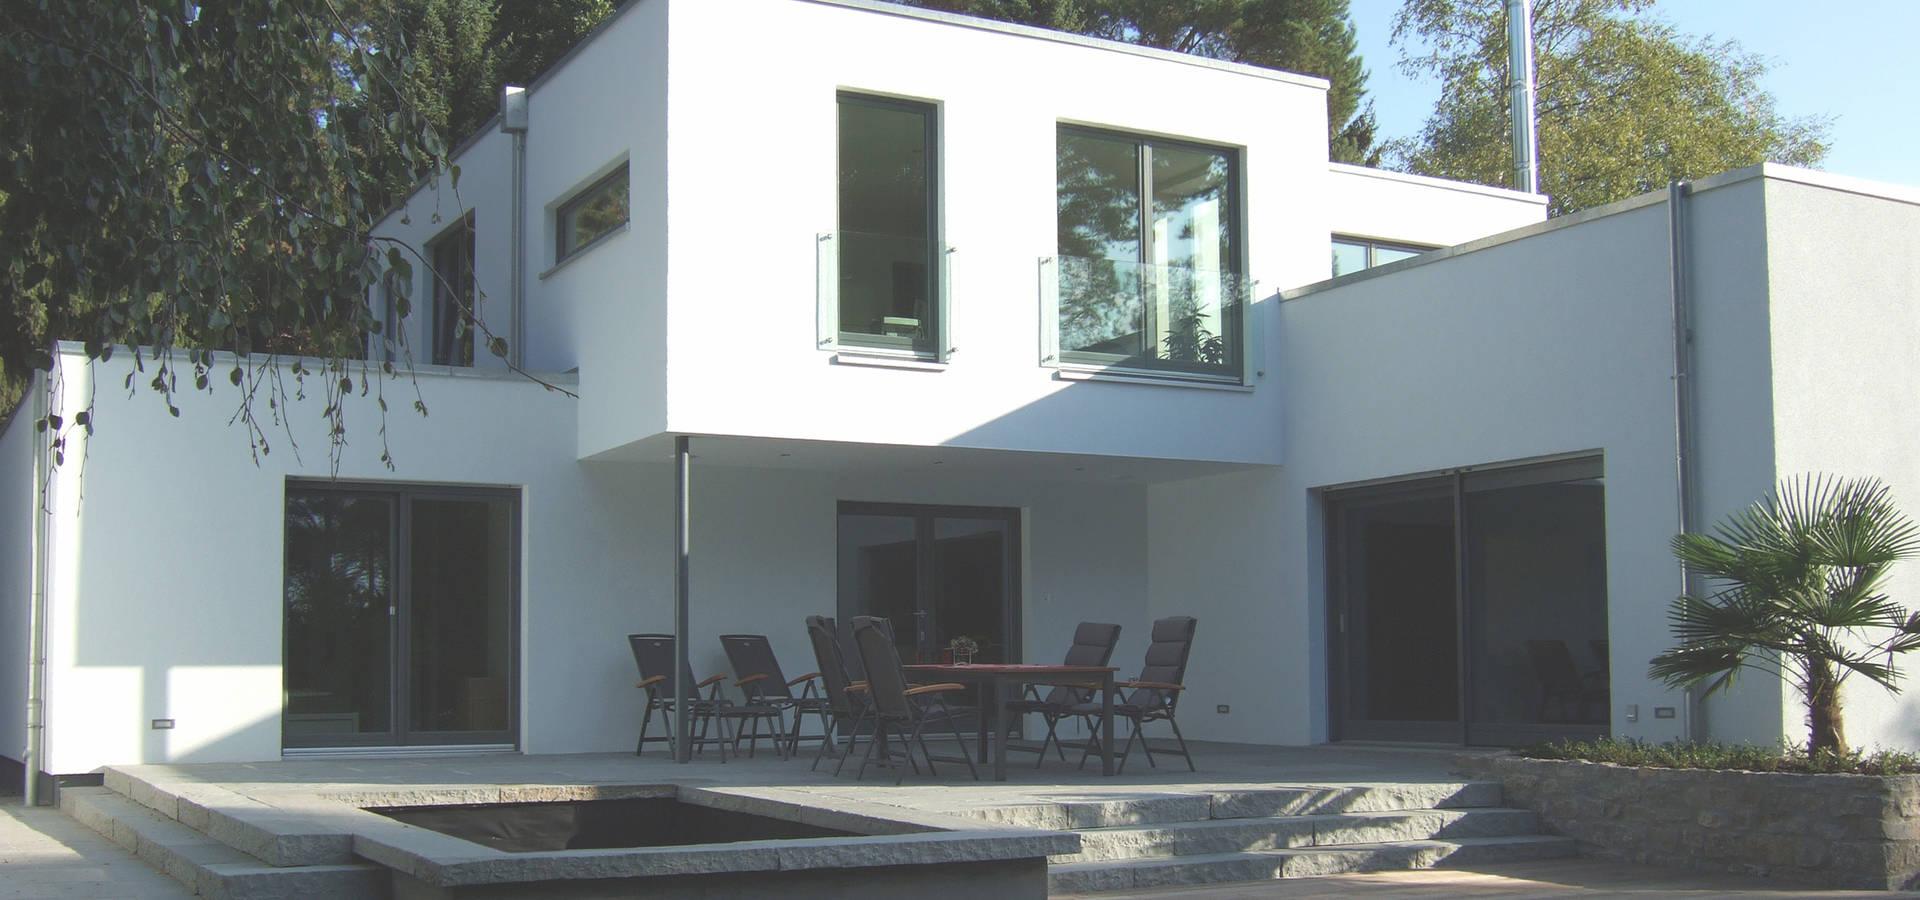 siedlungshaus mit holzscheibe von zymara und loitzenbauer architekten bda homify. Black Bedroom Furniture Sets. Home Design Ideas